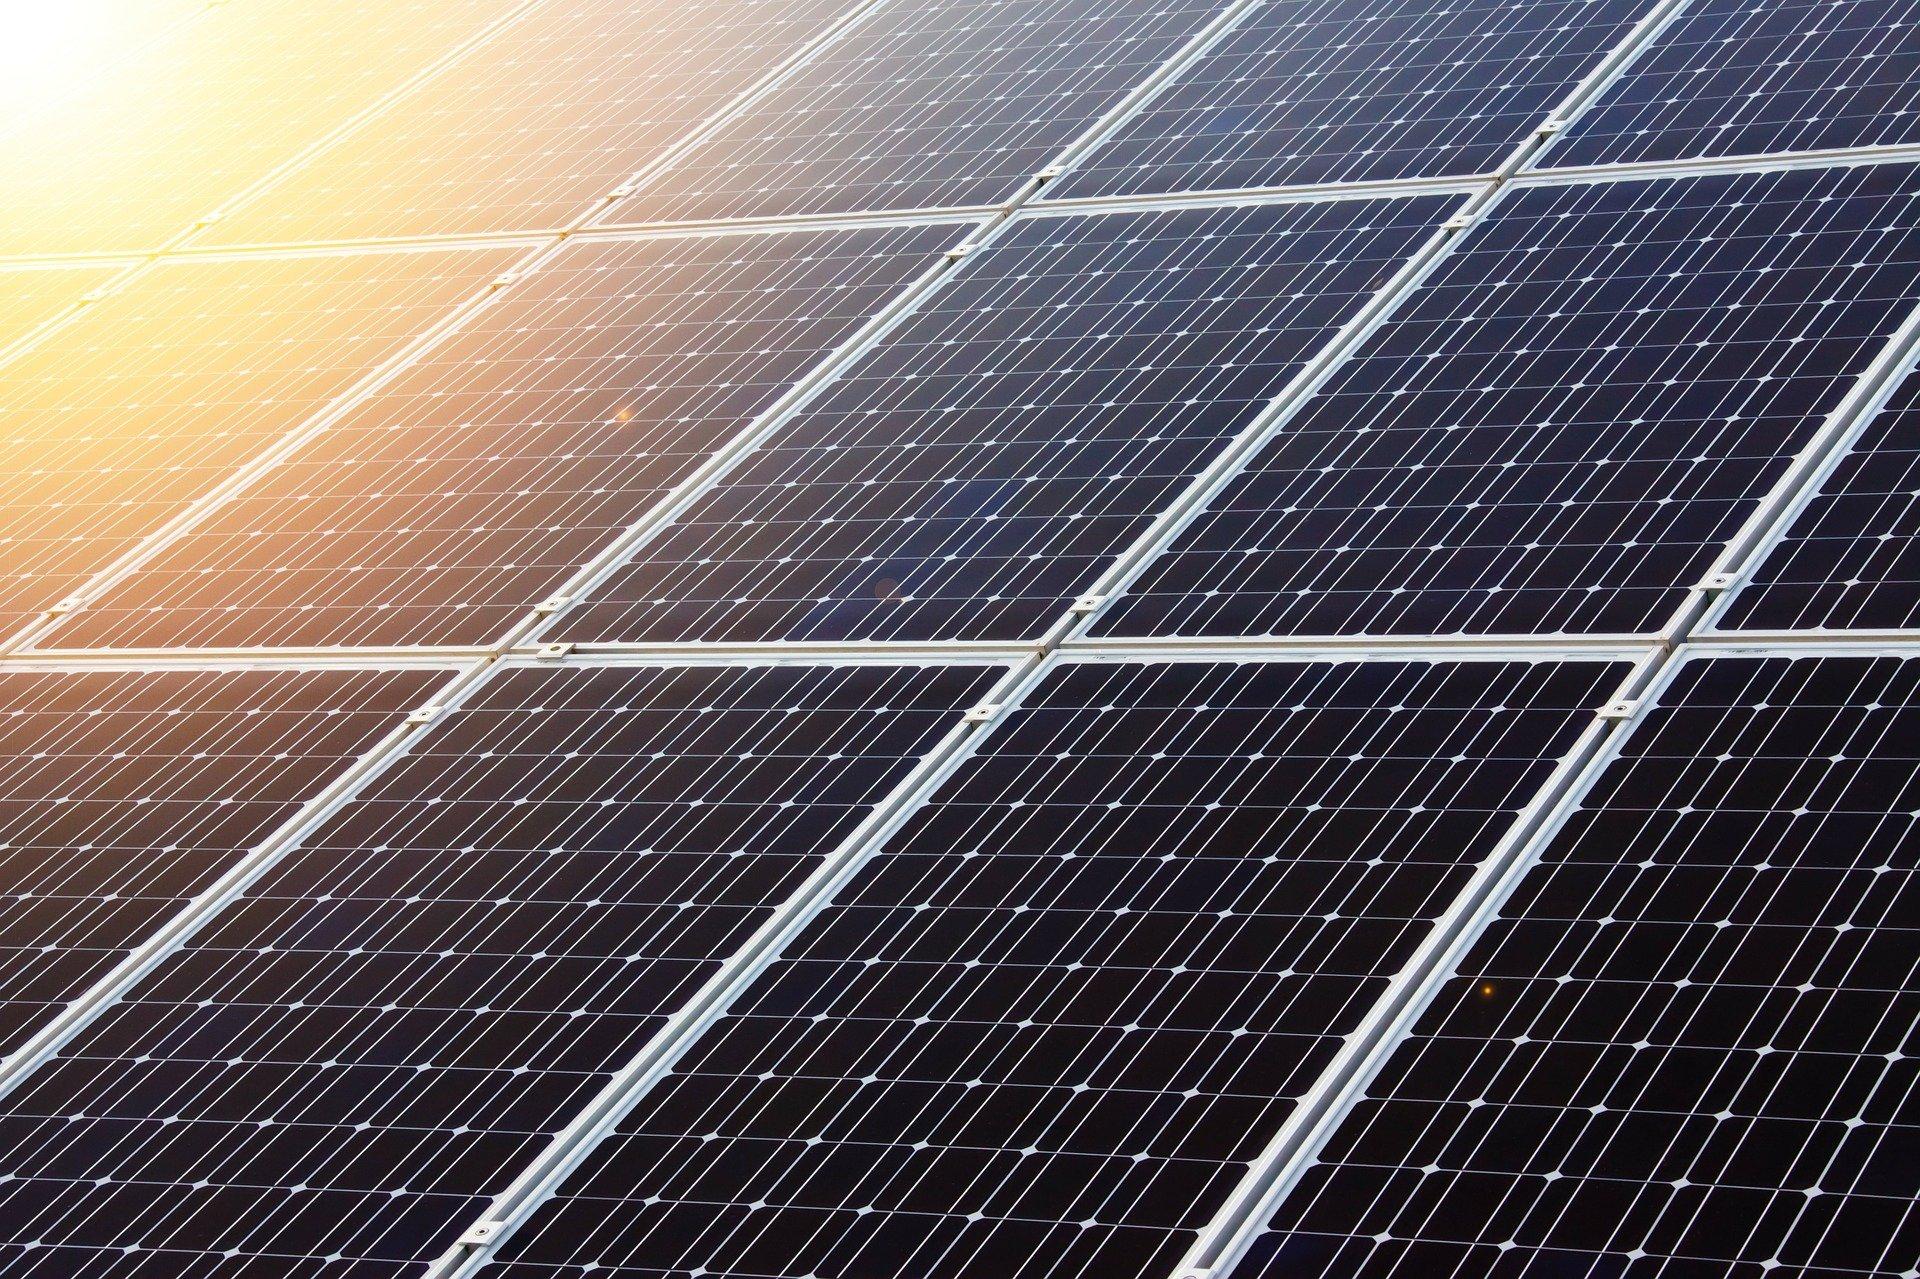 Solarausbau auf kreiseigenen Flächen voranbringen